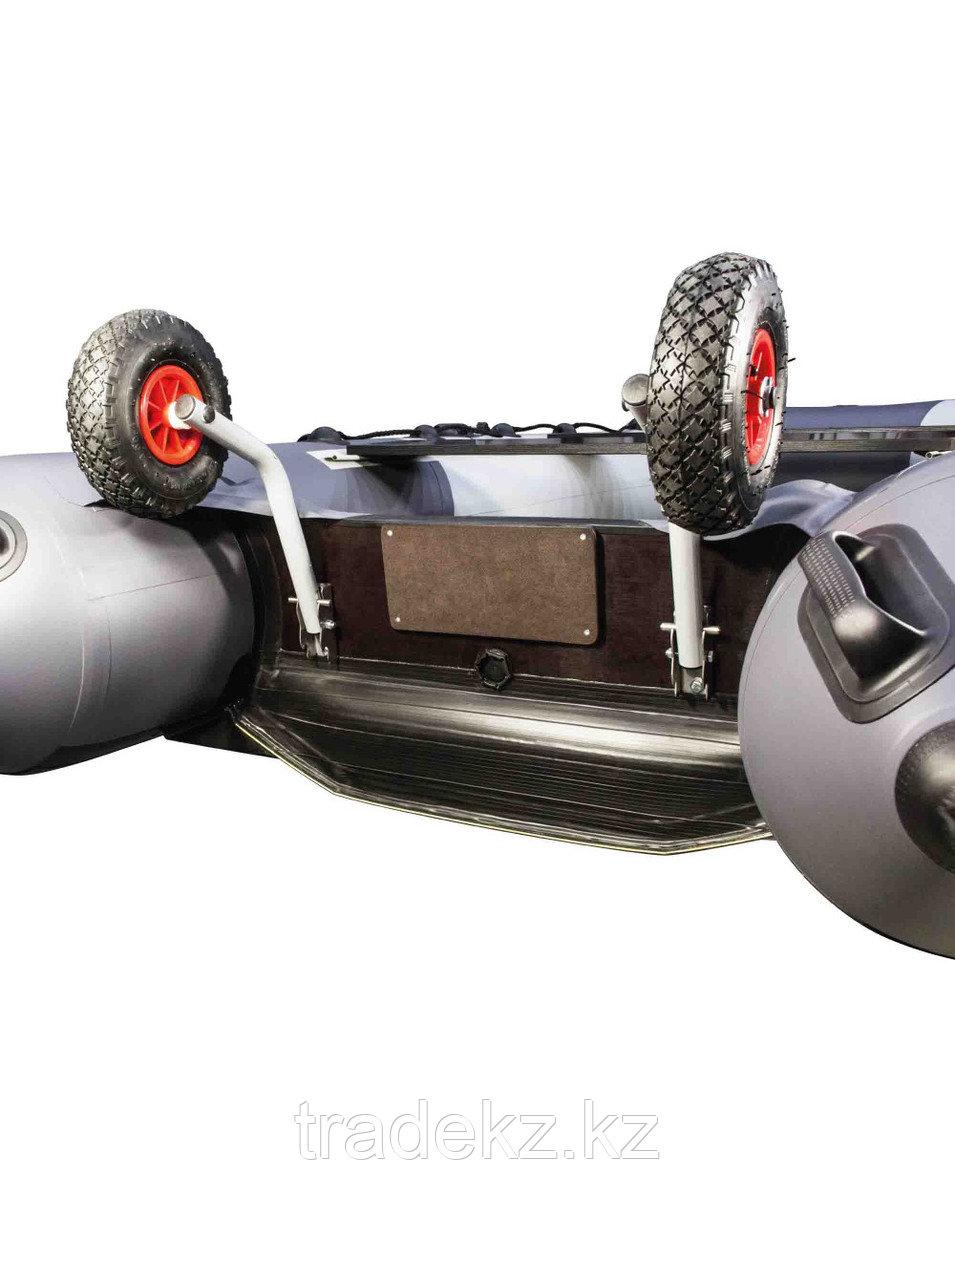 Колеса транспортировочные быстросъёмные оцинкованные, для лодок НДНД - фото 4